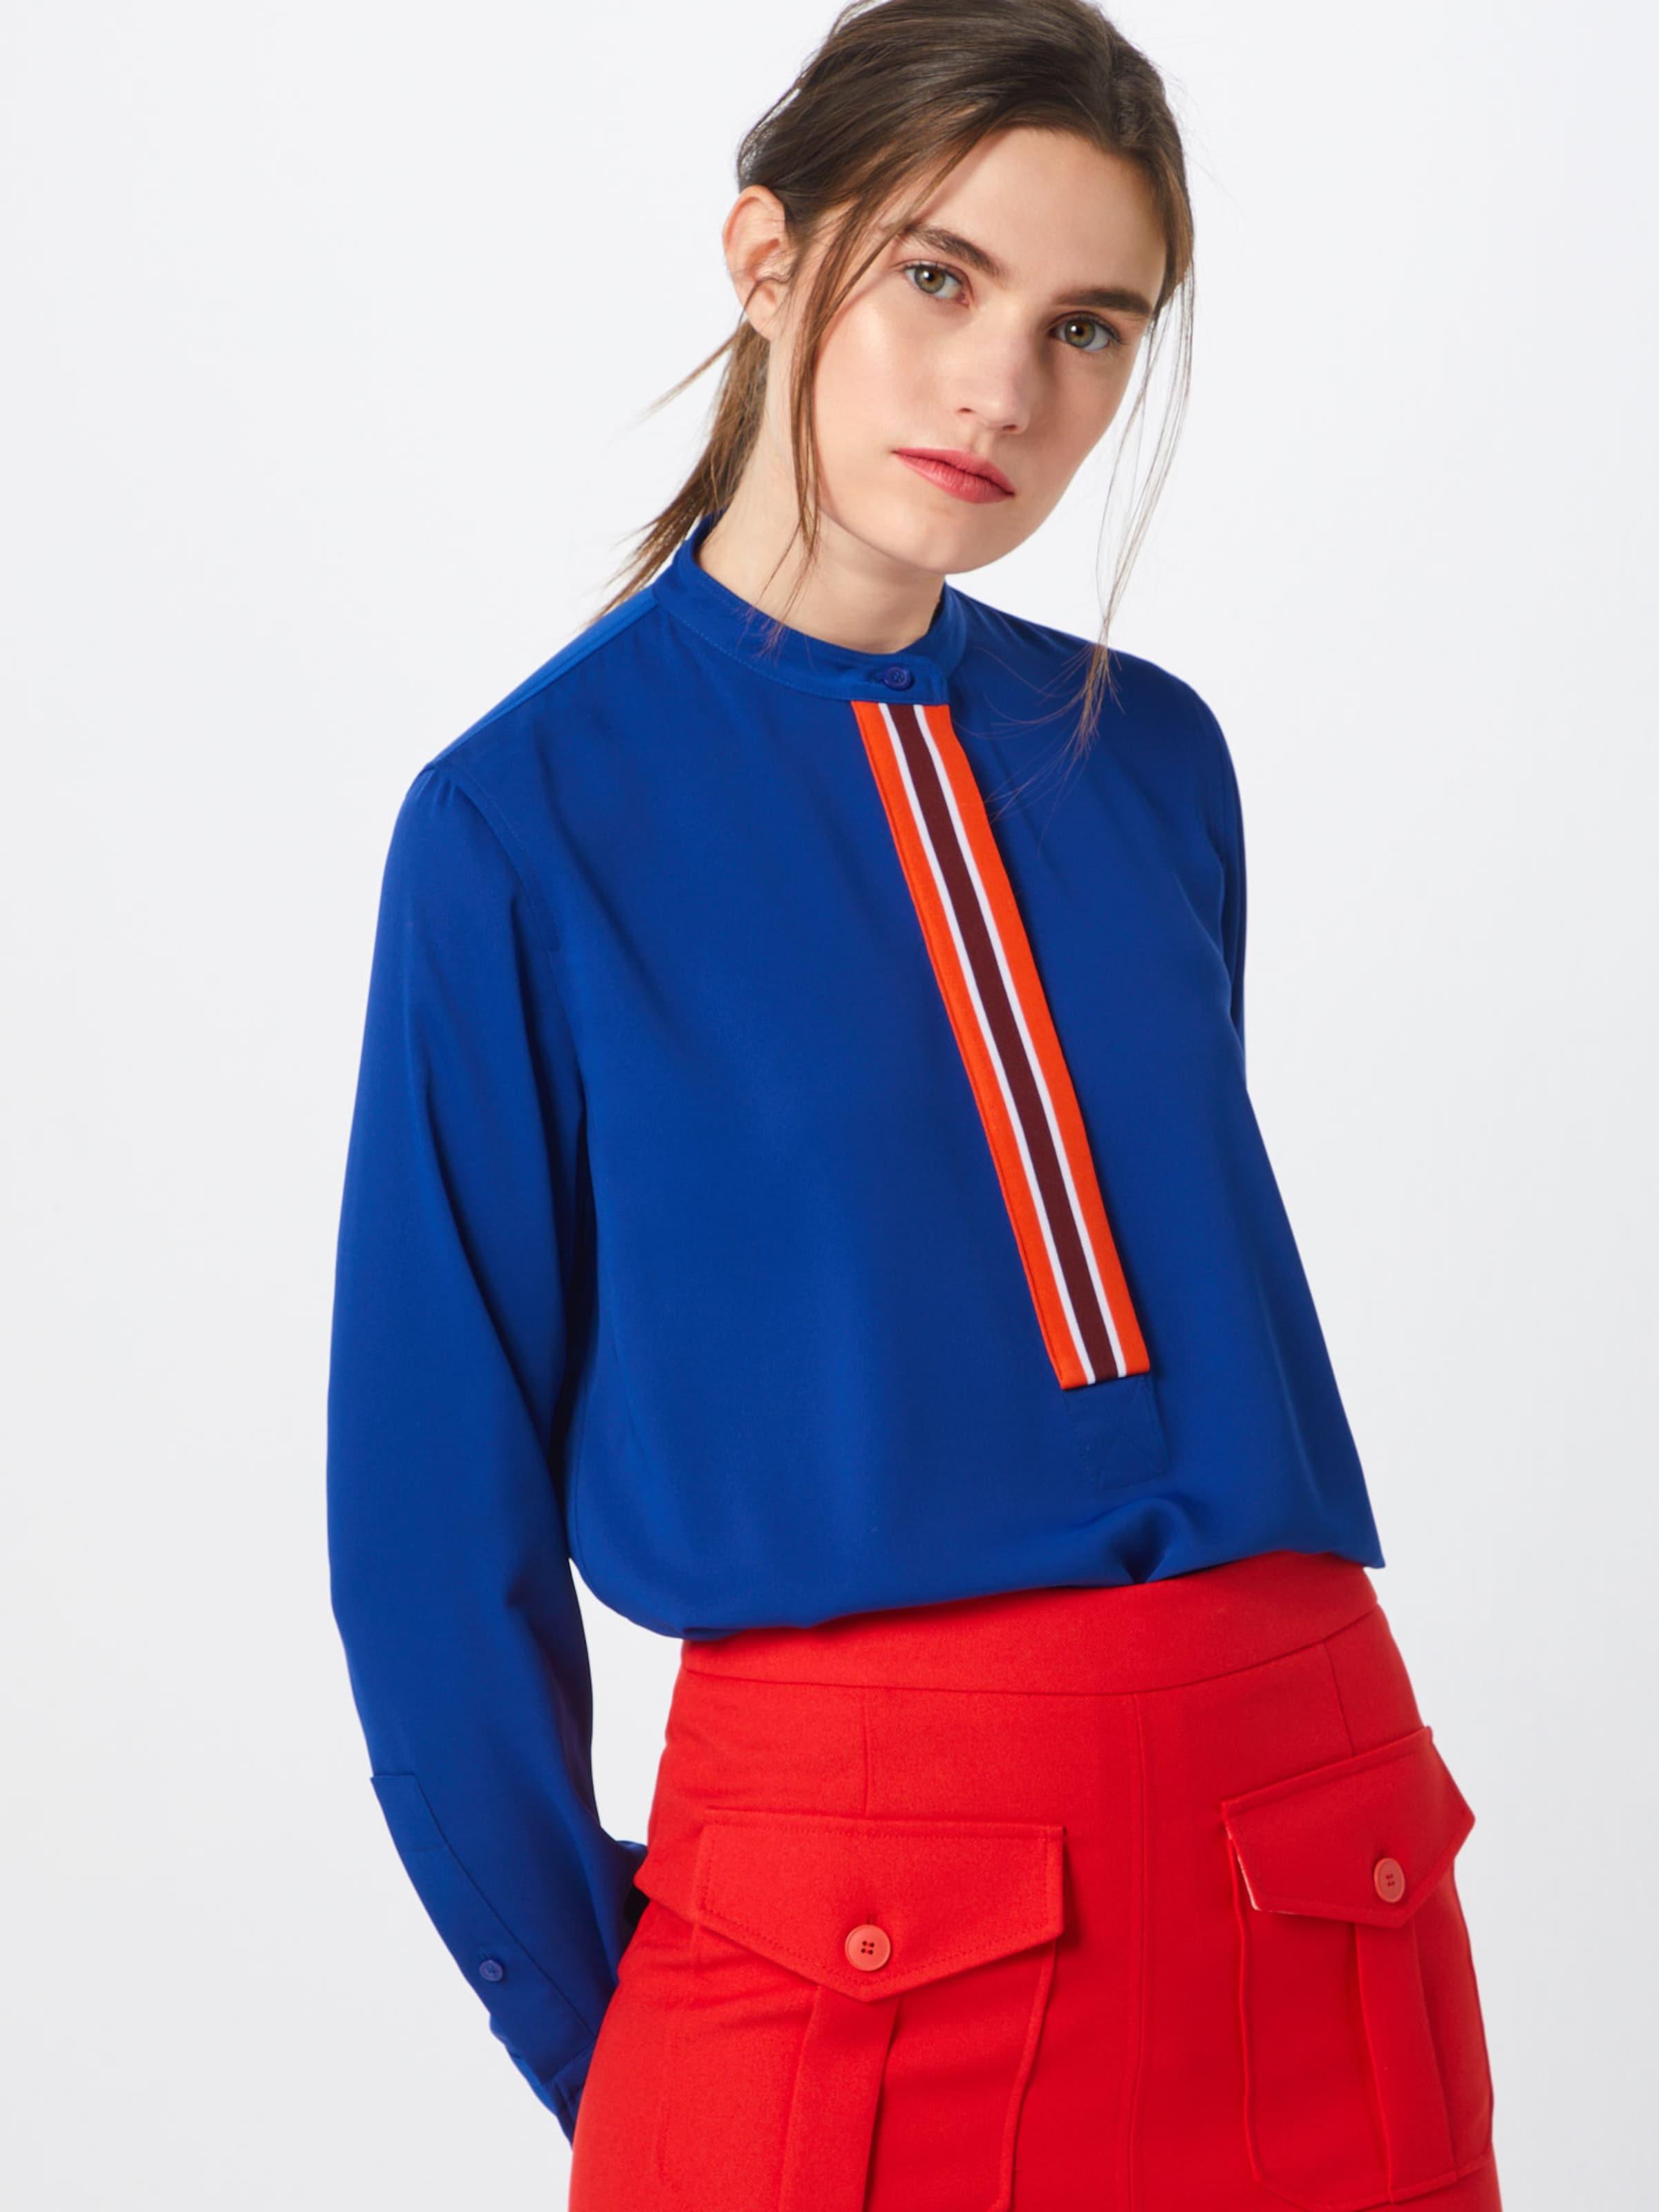 Detail' Calvin Klein Bluse 'placket In Blau mN8vn0wyO